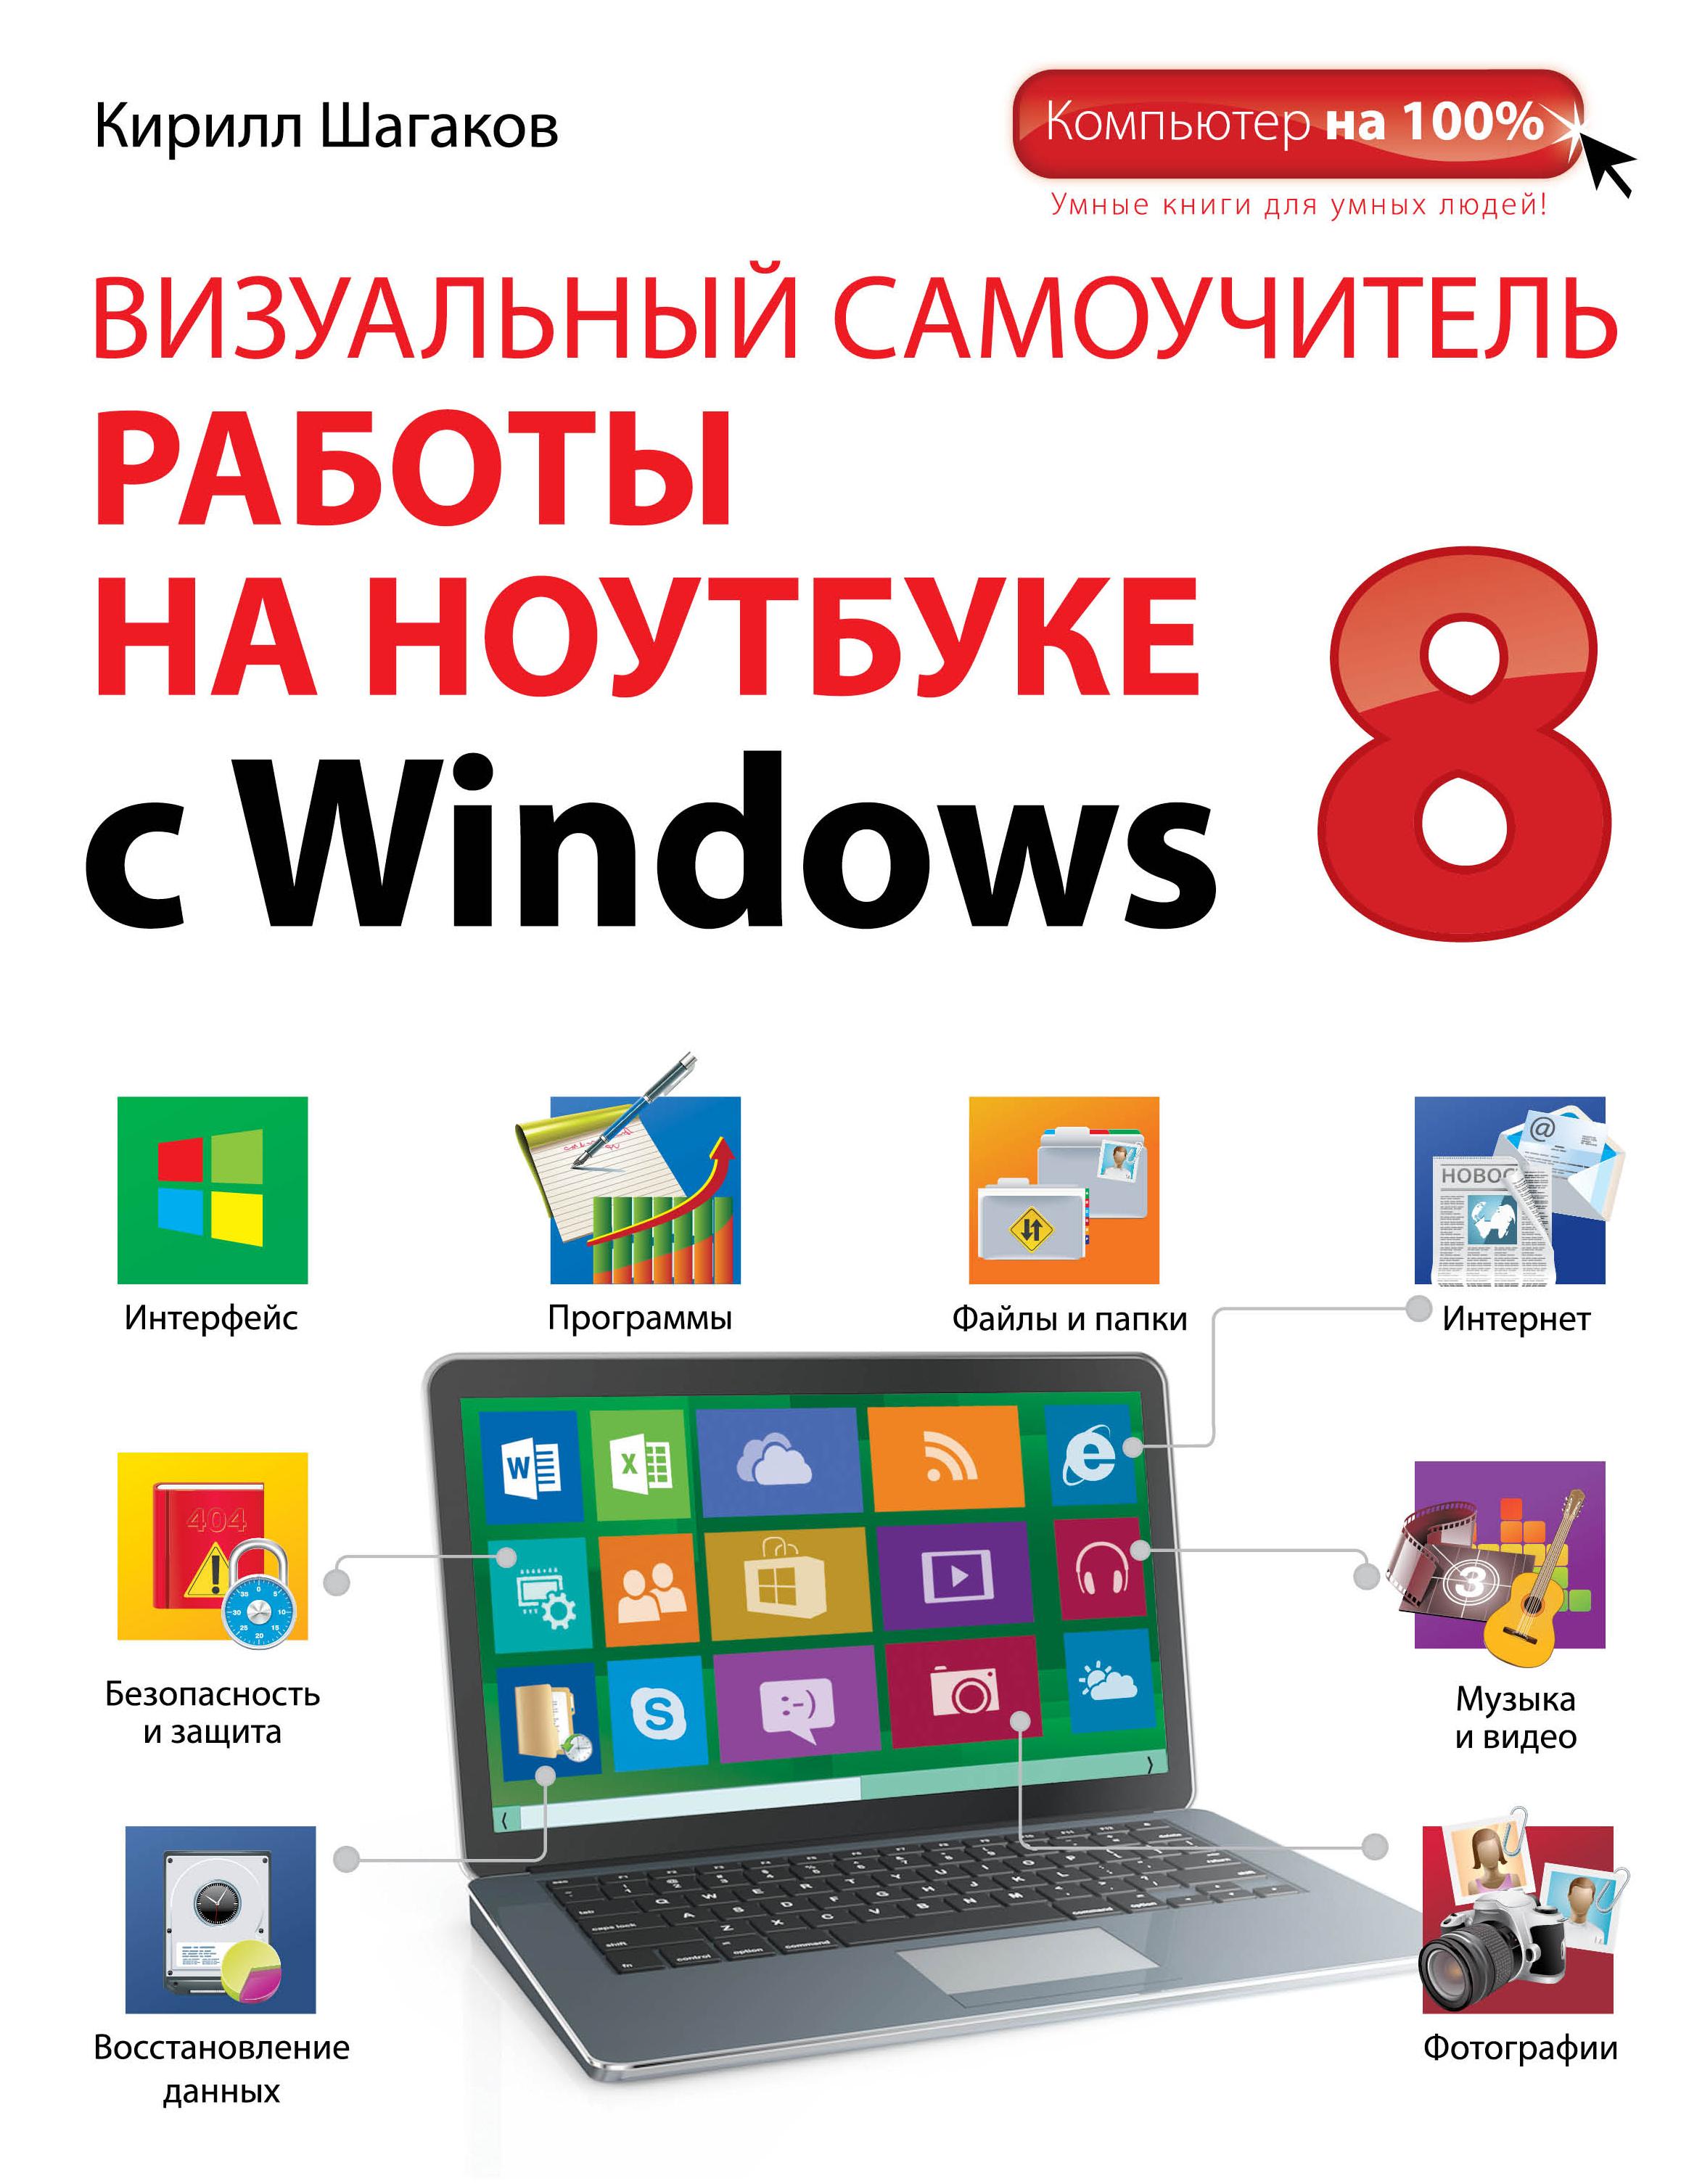 ���������� ����������� ������ �� �������� � Windows 8